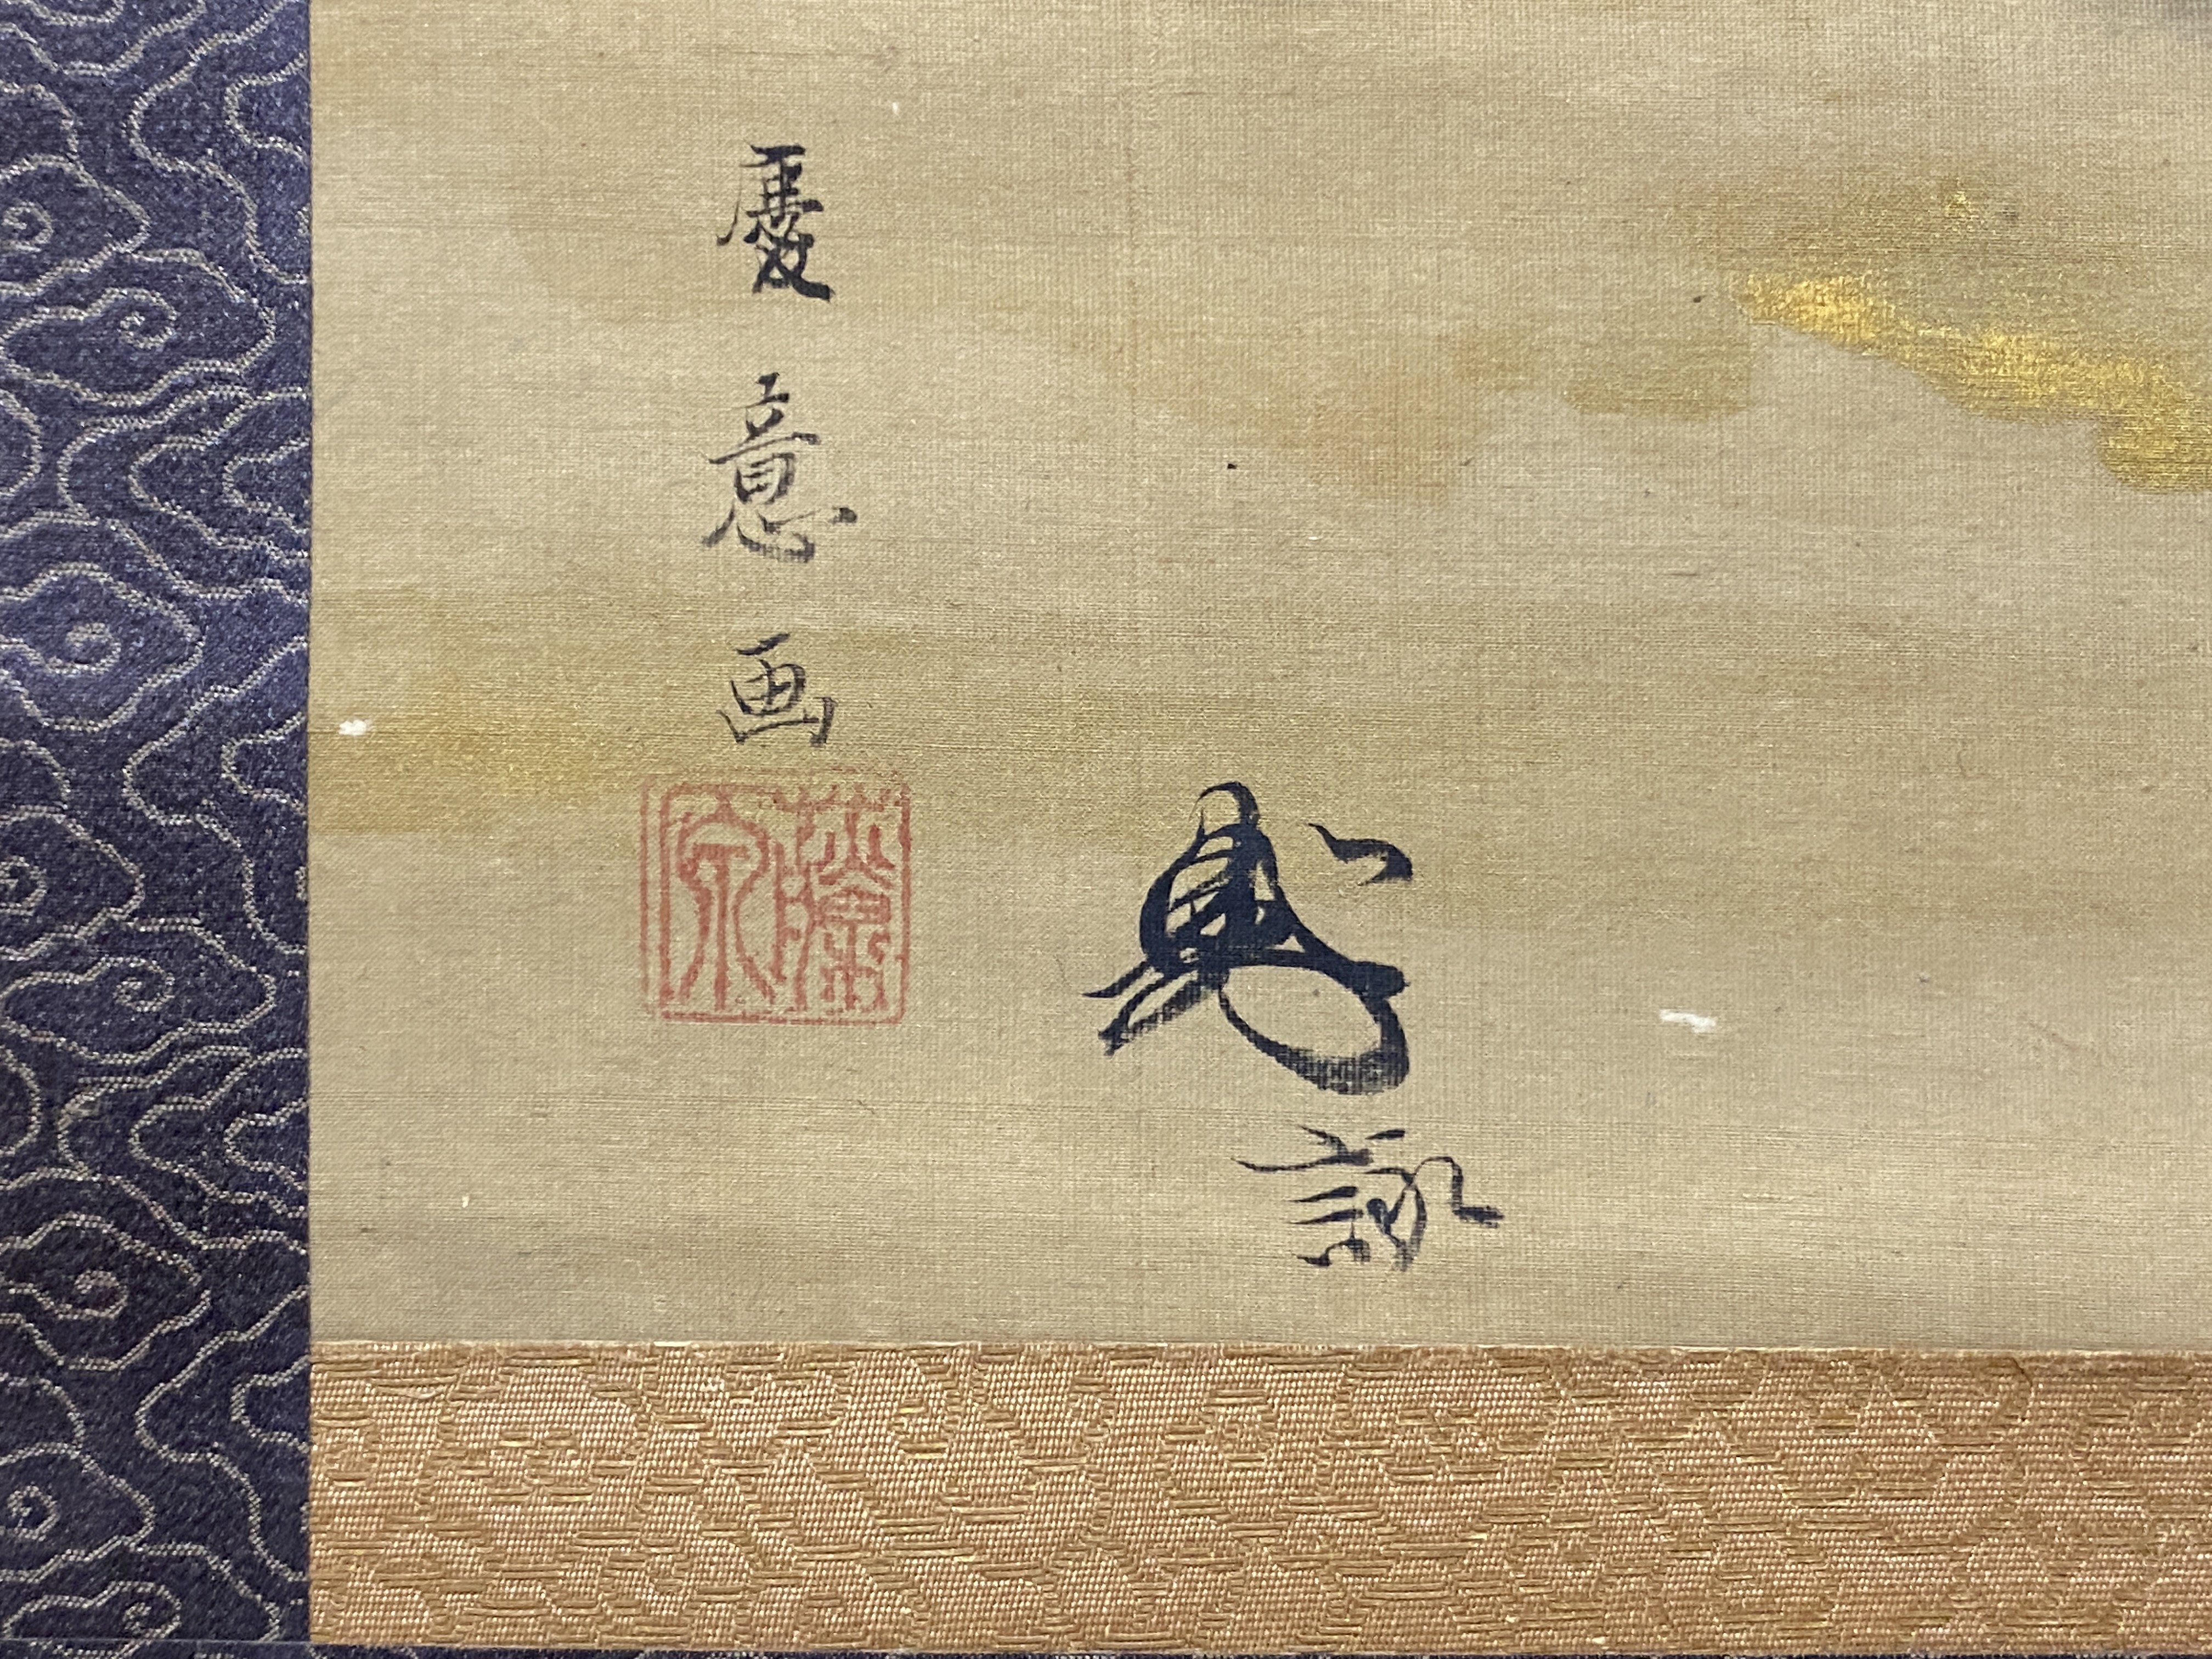 住吉慶意筆 月図 冷泉為村賛